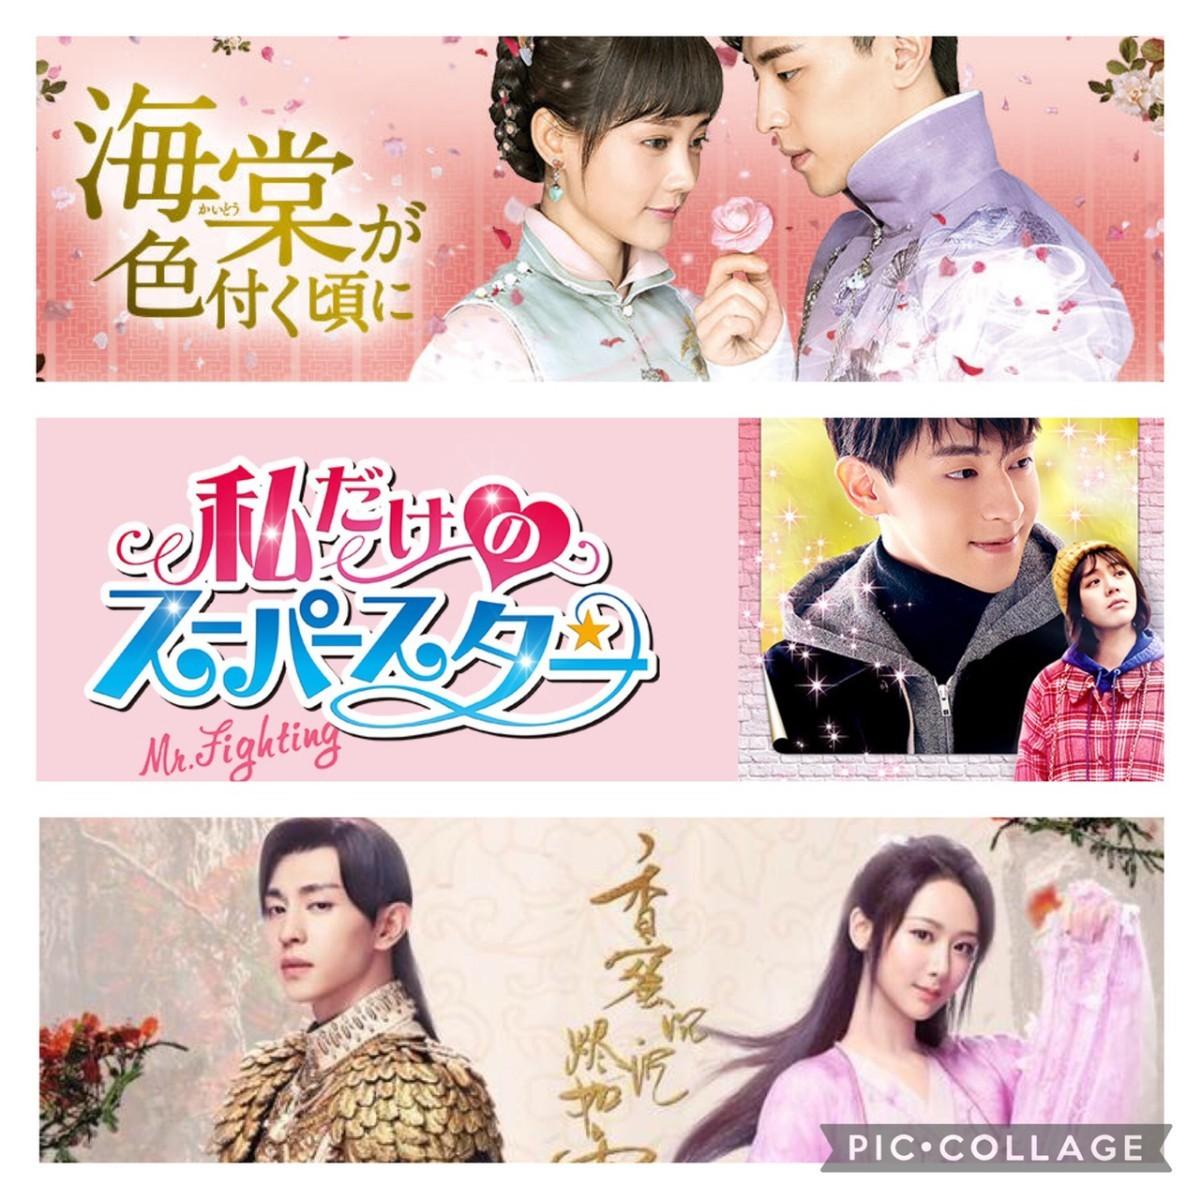 中国ドラマ3点まとめて 霜花の姫 私だけのスーパースター 海棠(かいどう)が色付く頃に Blu-ray